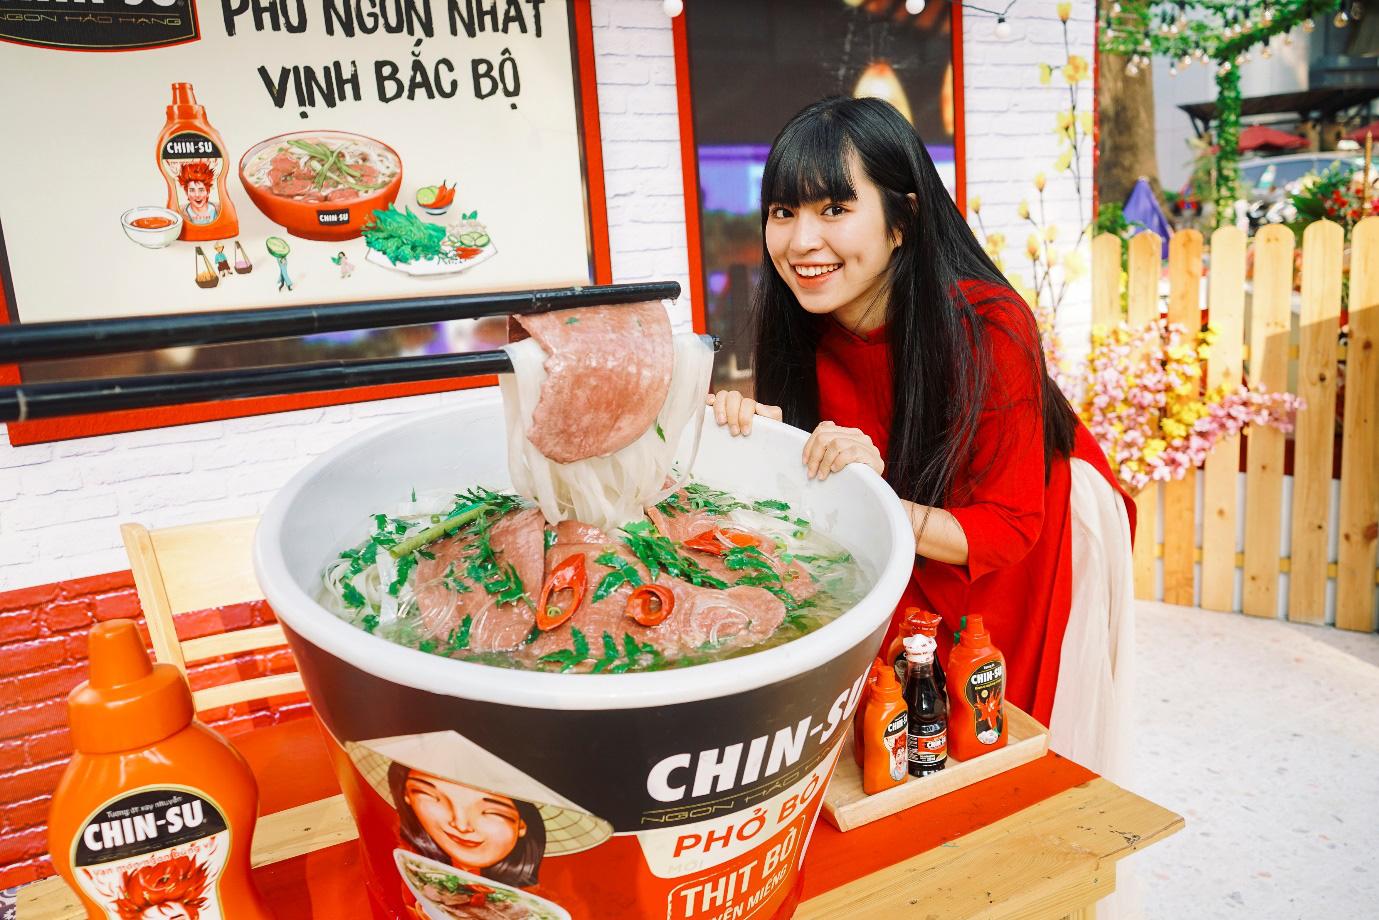 Xuýt xoa với loạt ảnh hot girl Mắt Biếc check-in với các siêu phẩm siêu to khổng lồ tại Góc Phố Xuân 2020 - Ảnh 1.